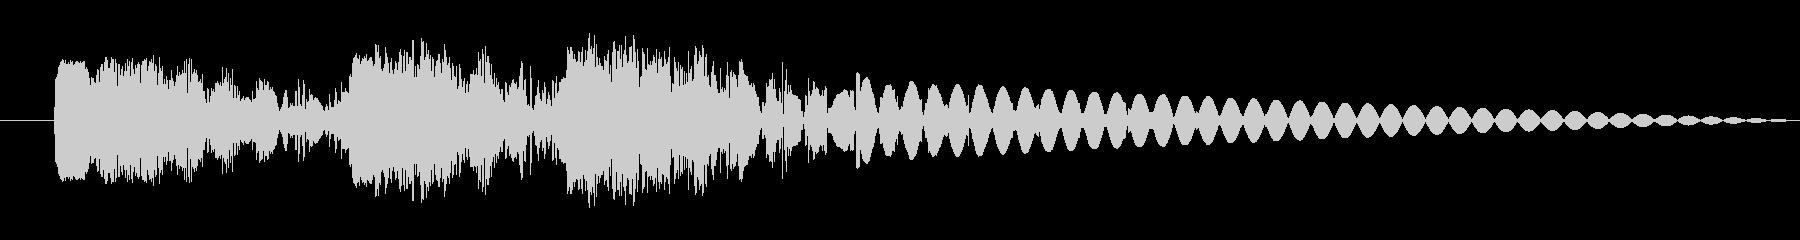 ドドドン 射撃音 ゲームなどの未再生の波形